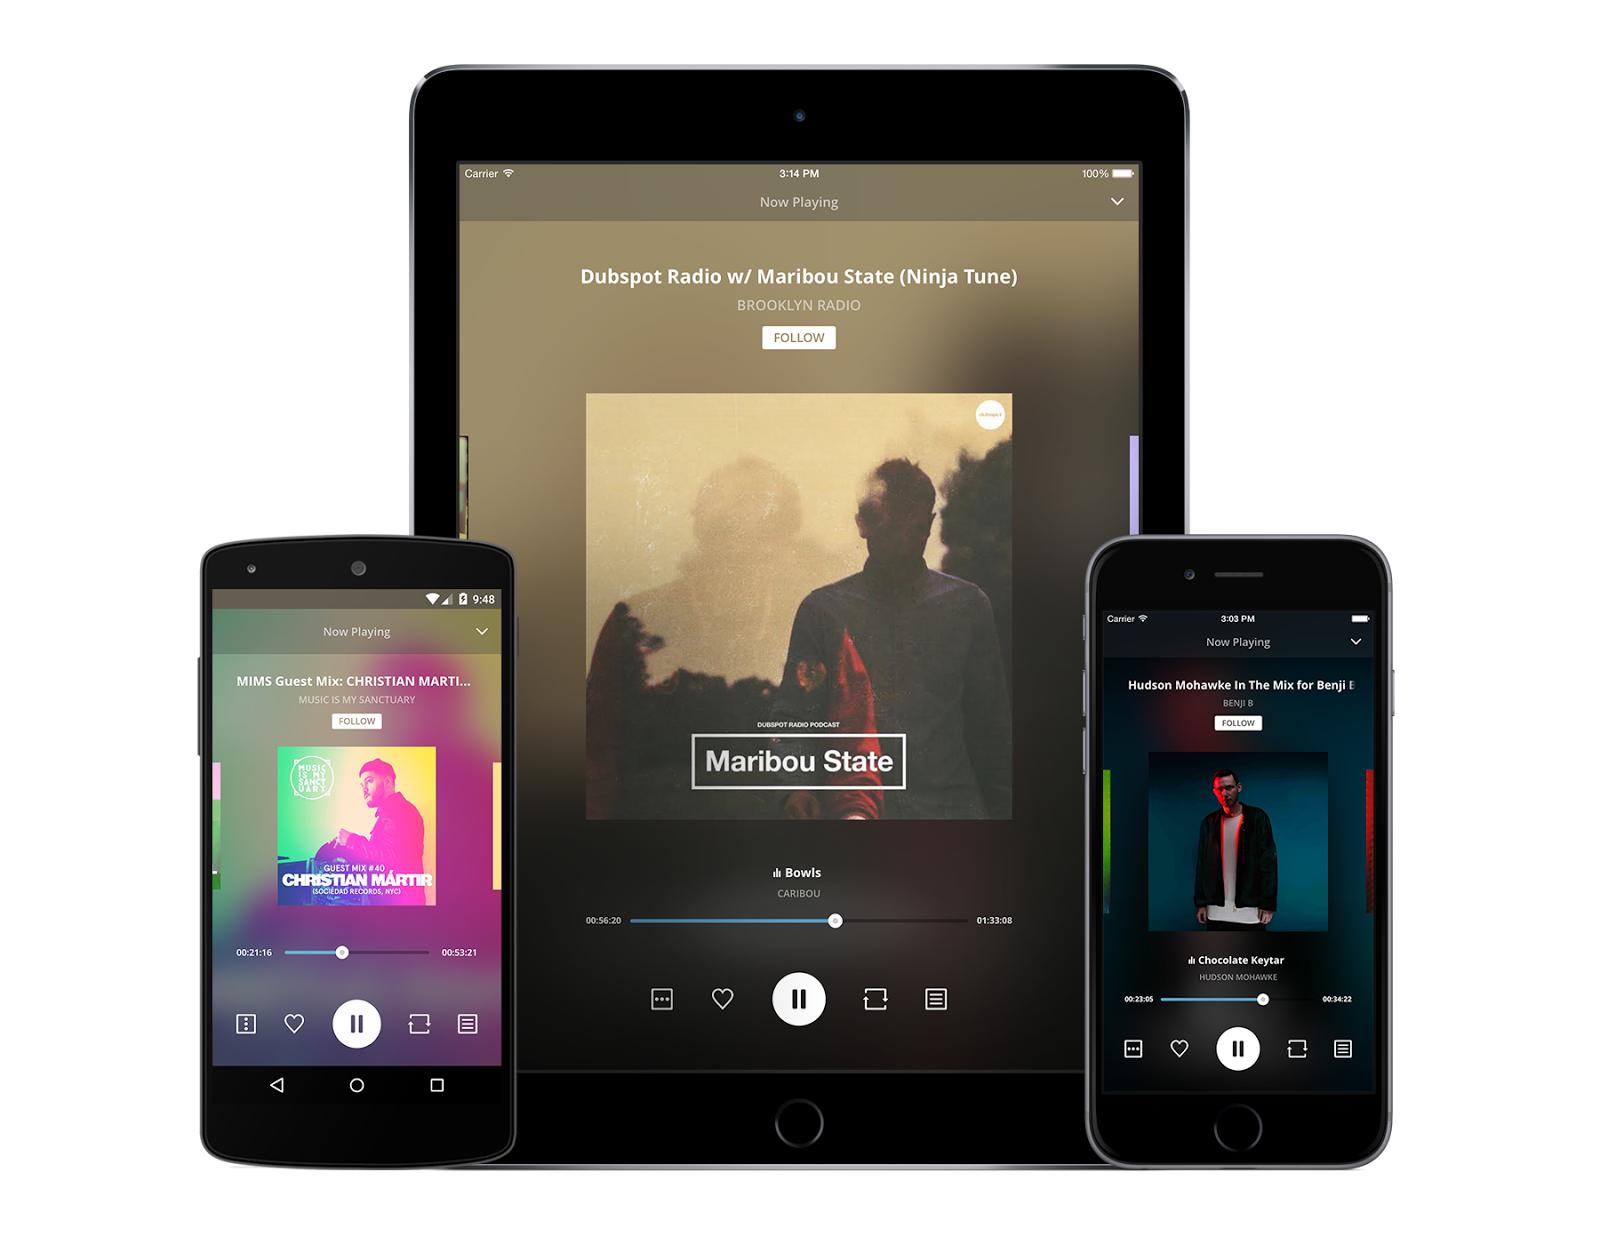 Dalam aplikasi ini nantinya kamu bisa mendengar jutaan lagi remix keren yang lagi hits yang di upload